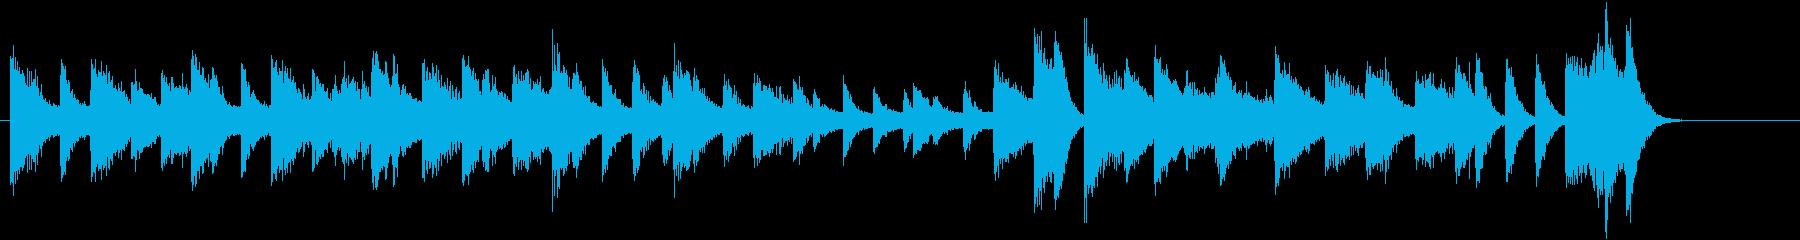 きよしこのよるモチーフのピアノジングルCの再生済みの波形